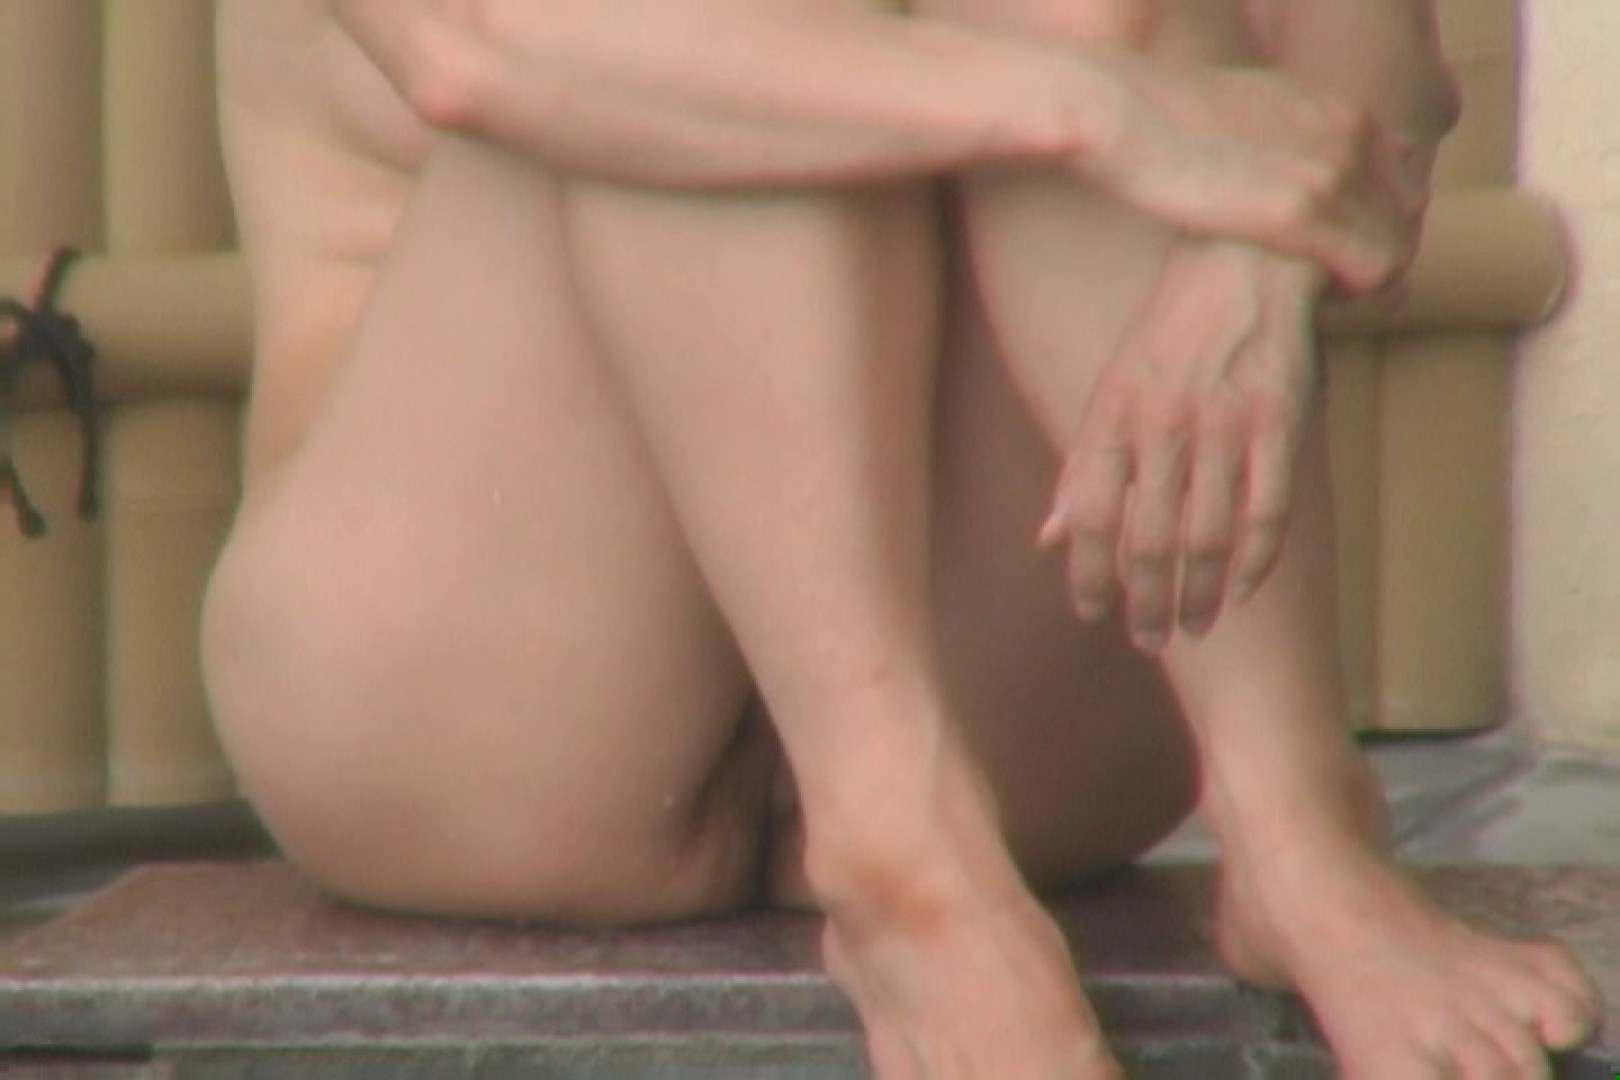 Aquaな露天風呂Vol.578 盗撮師作品 | 美しいOLの裸体  70pic 13